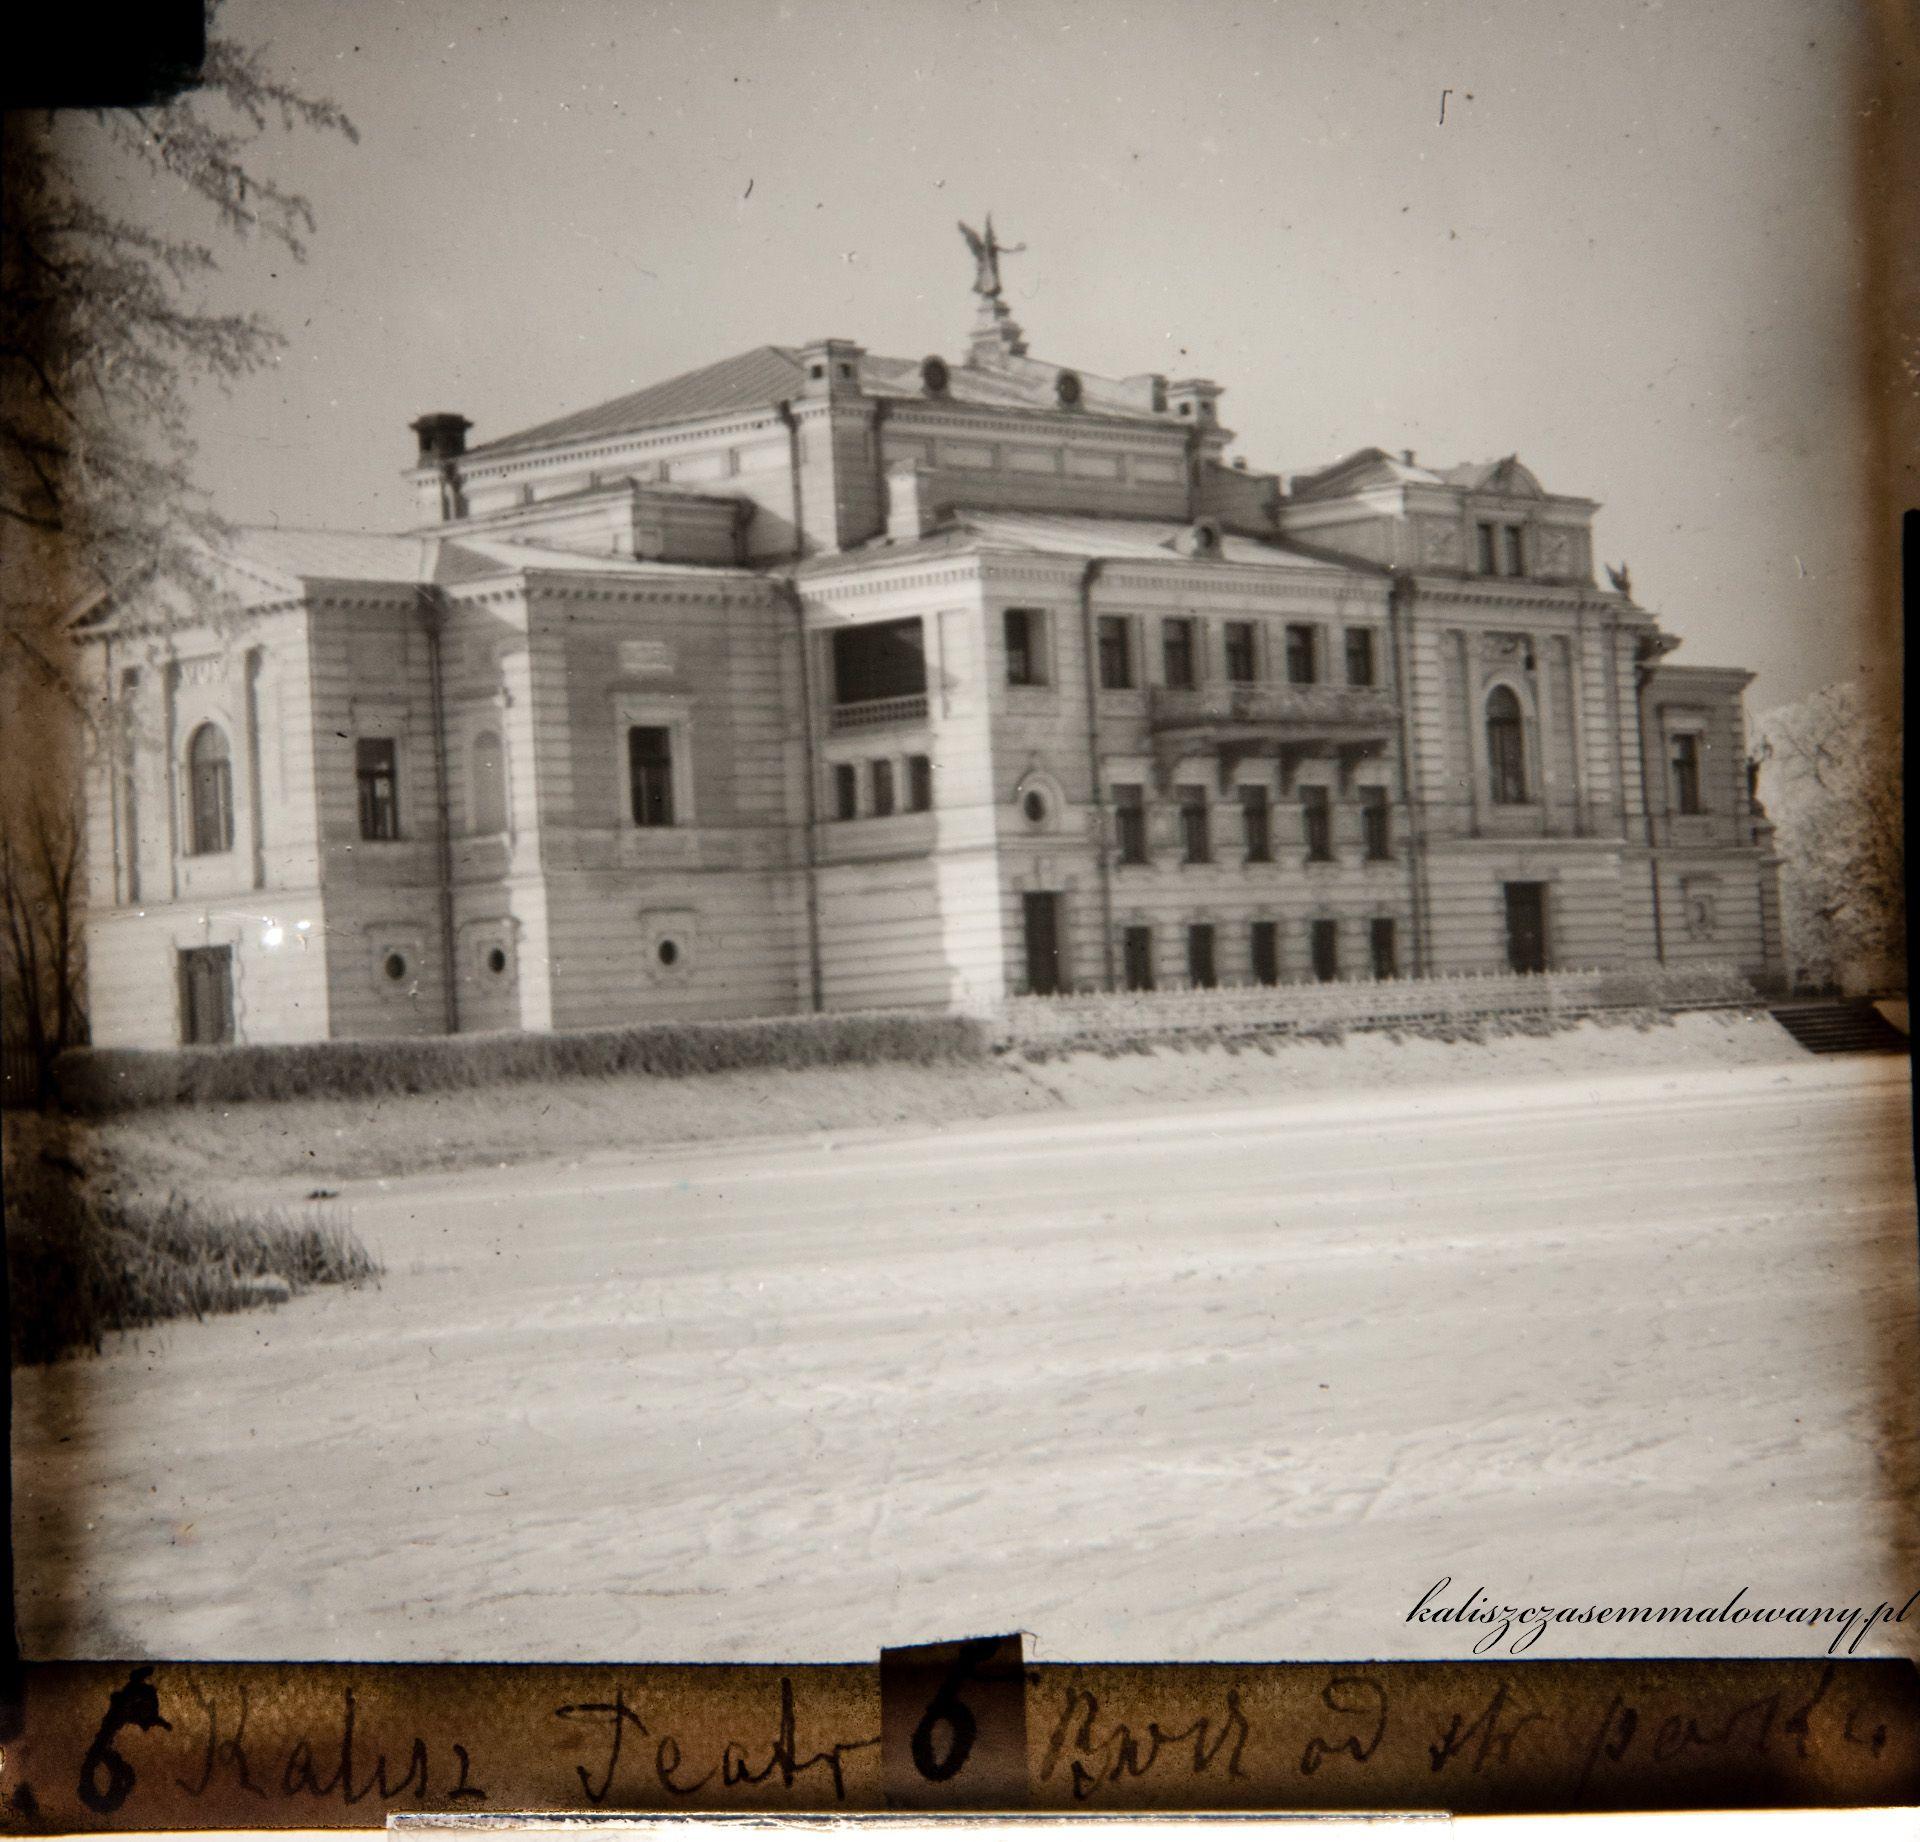 Kalisz teatr 29